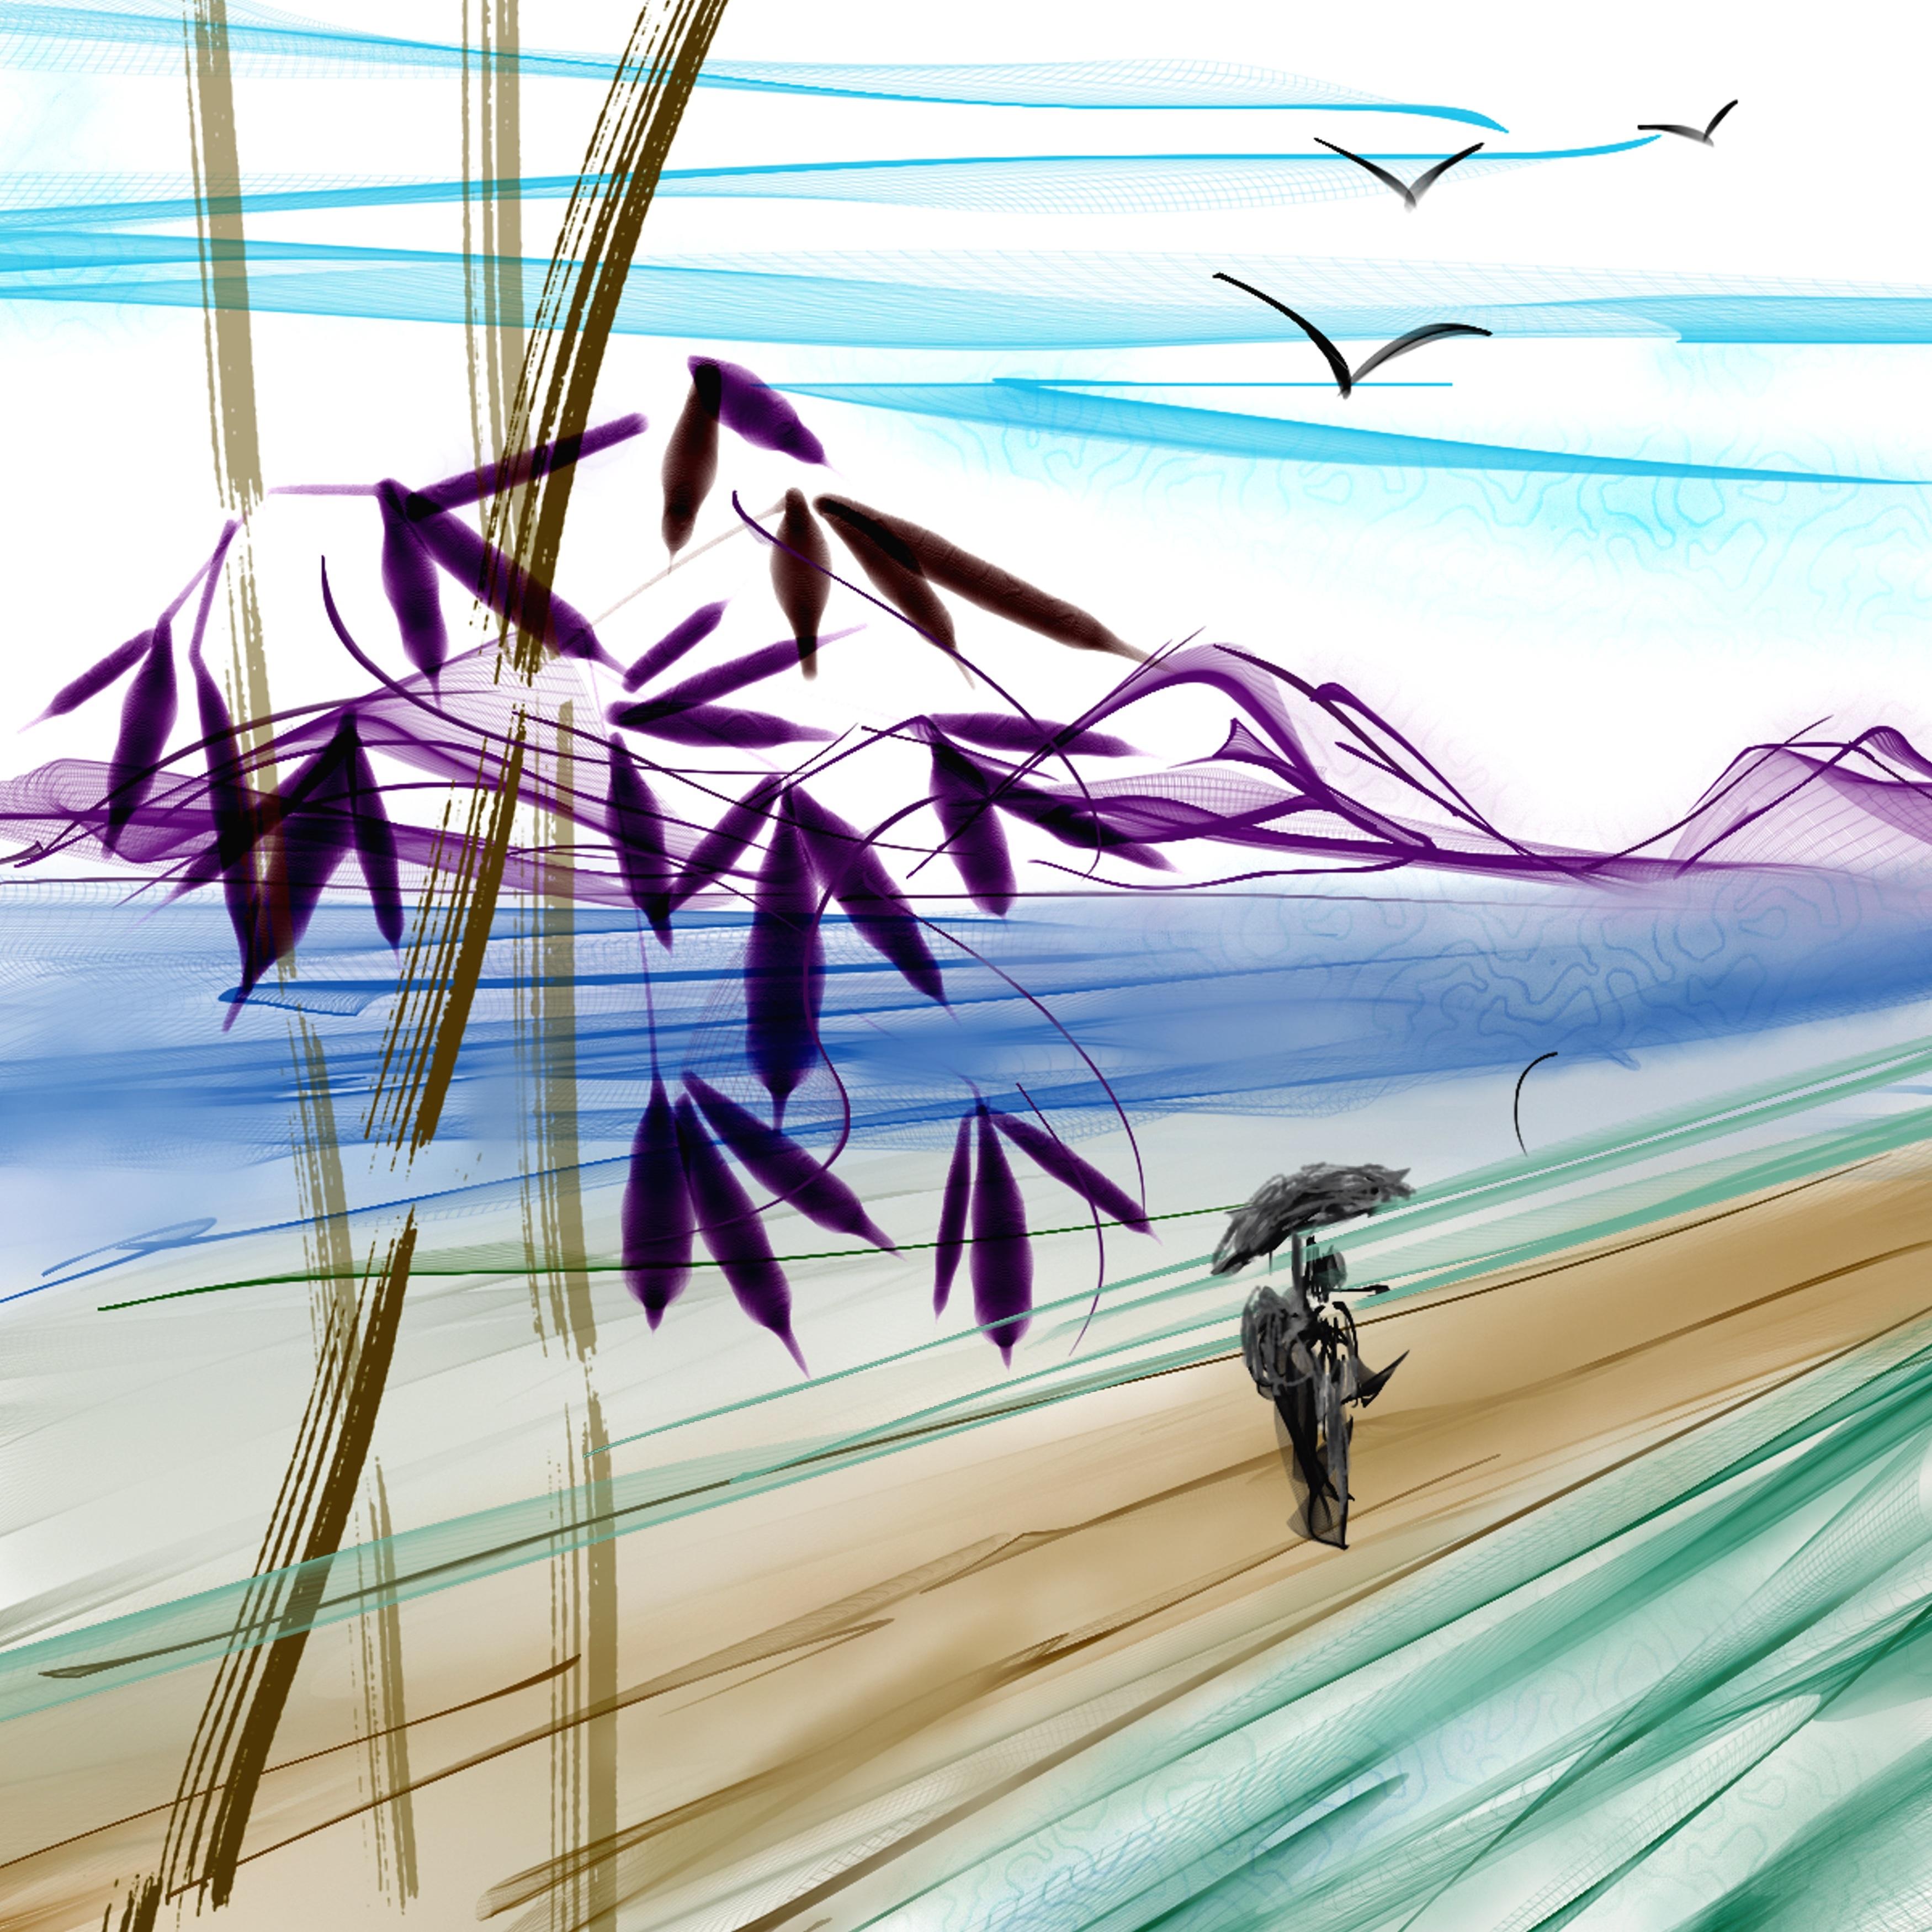 Gambar Pemandangan Asia Garis Jepang Seni Sketsa Ilustrasi